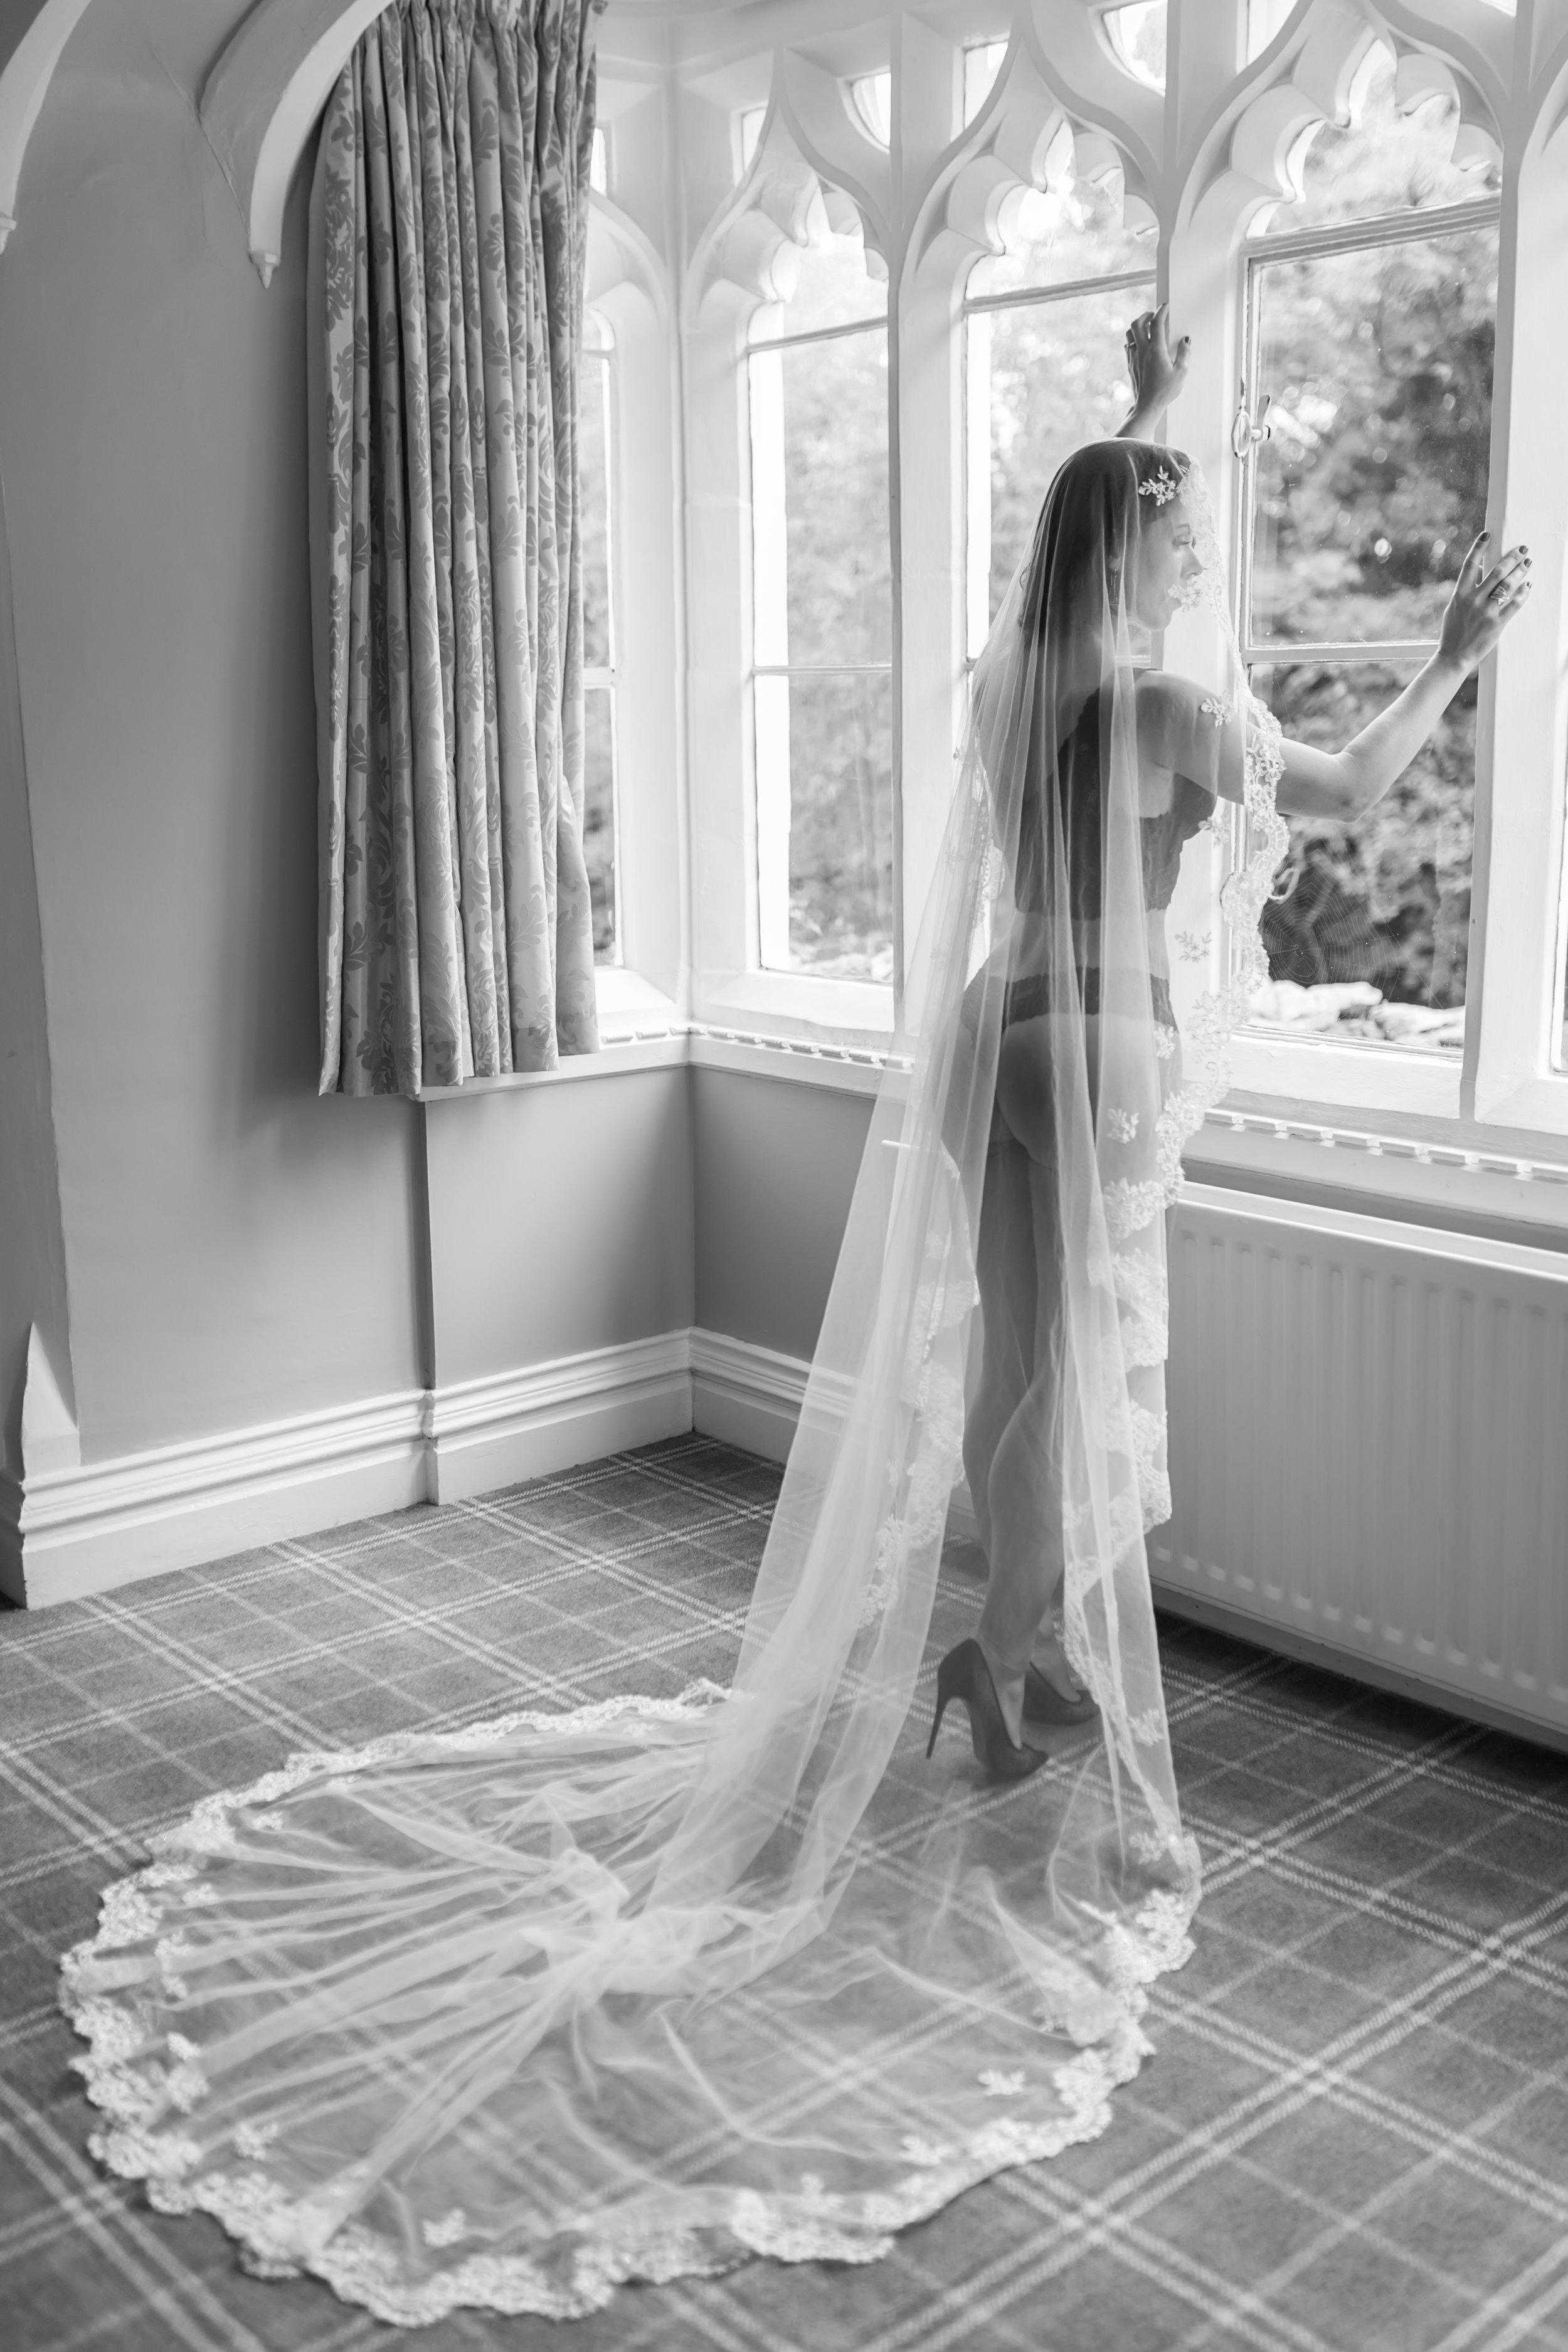 Leolin-Photography-Boudoir-929A0556.jpg